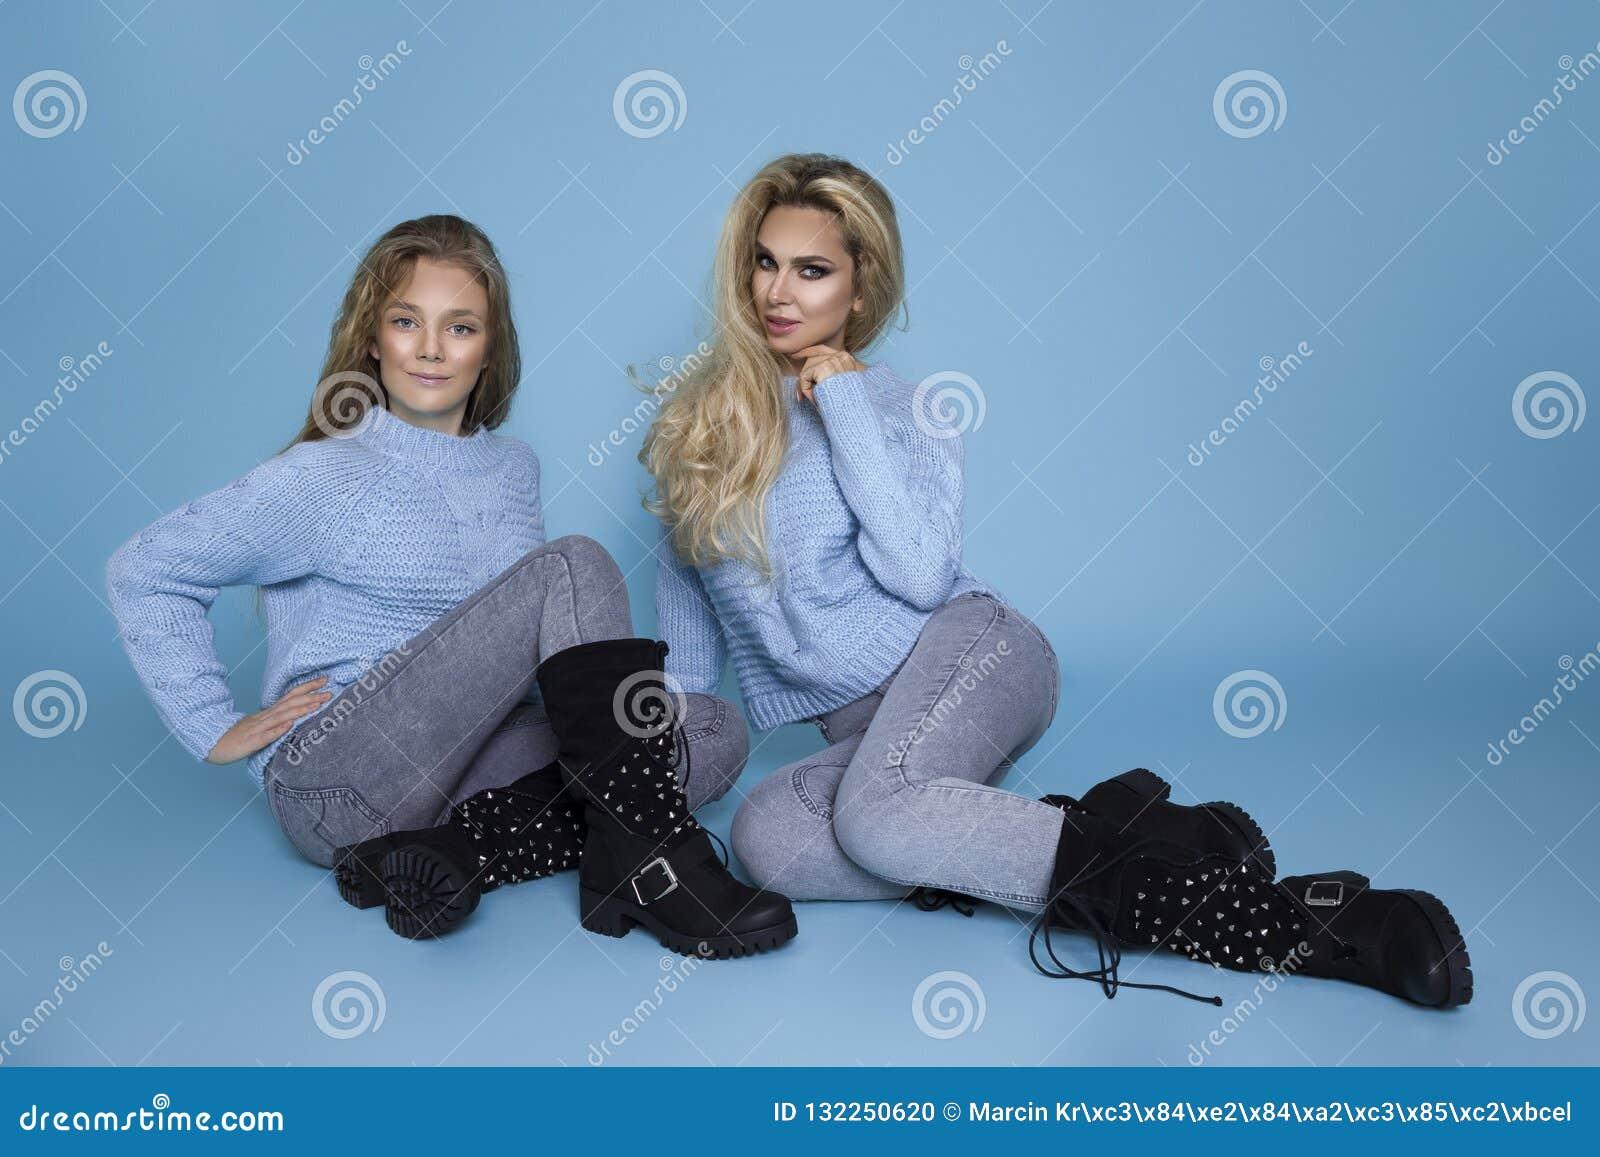 Piękne blond dziewczyny, matka z córką w jesieni zimy odzieży na błękitnym tle w studiu